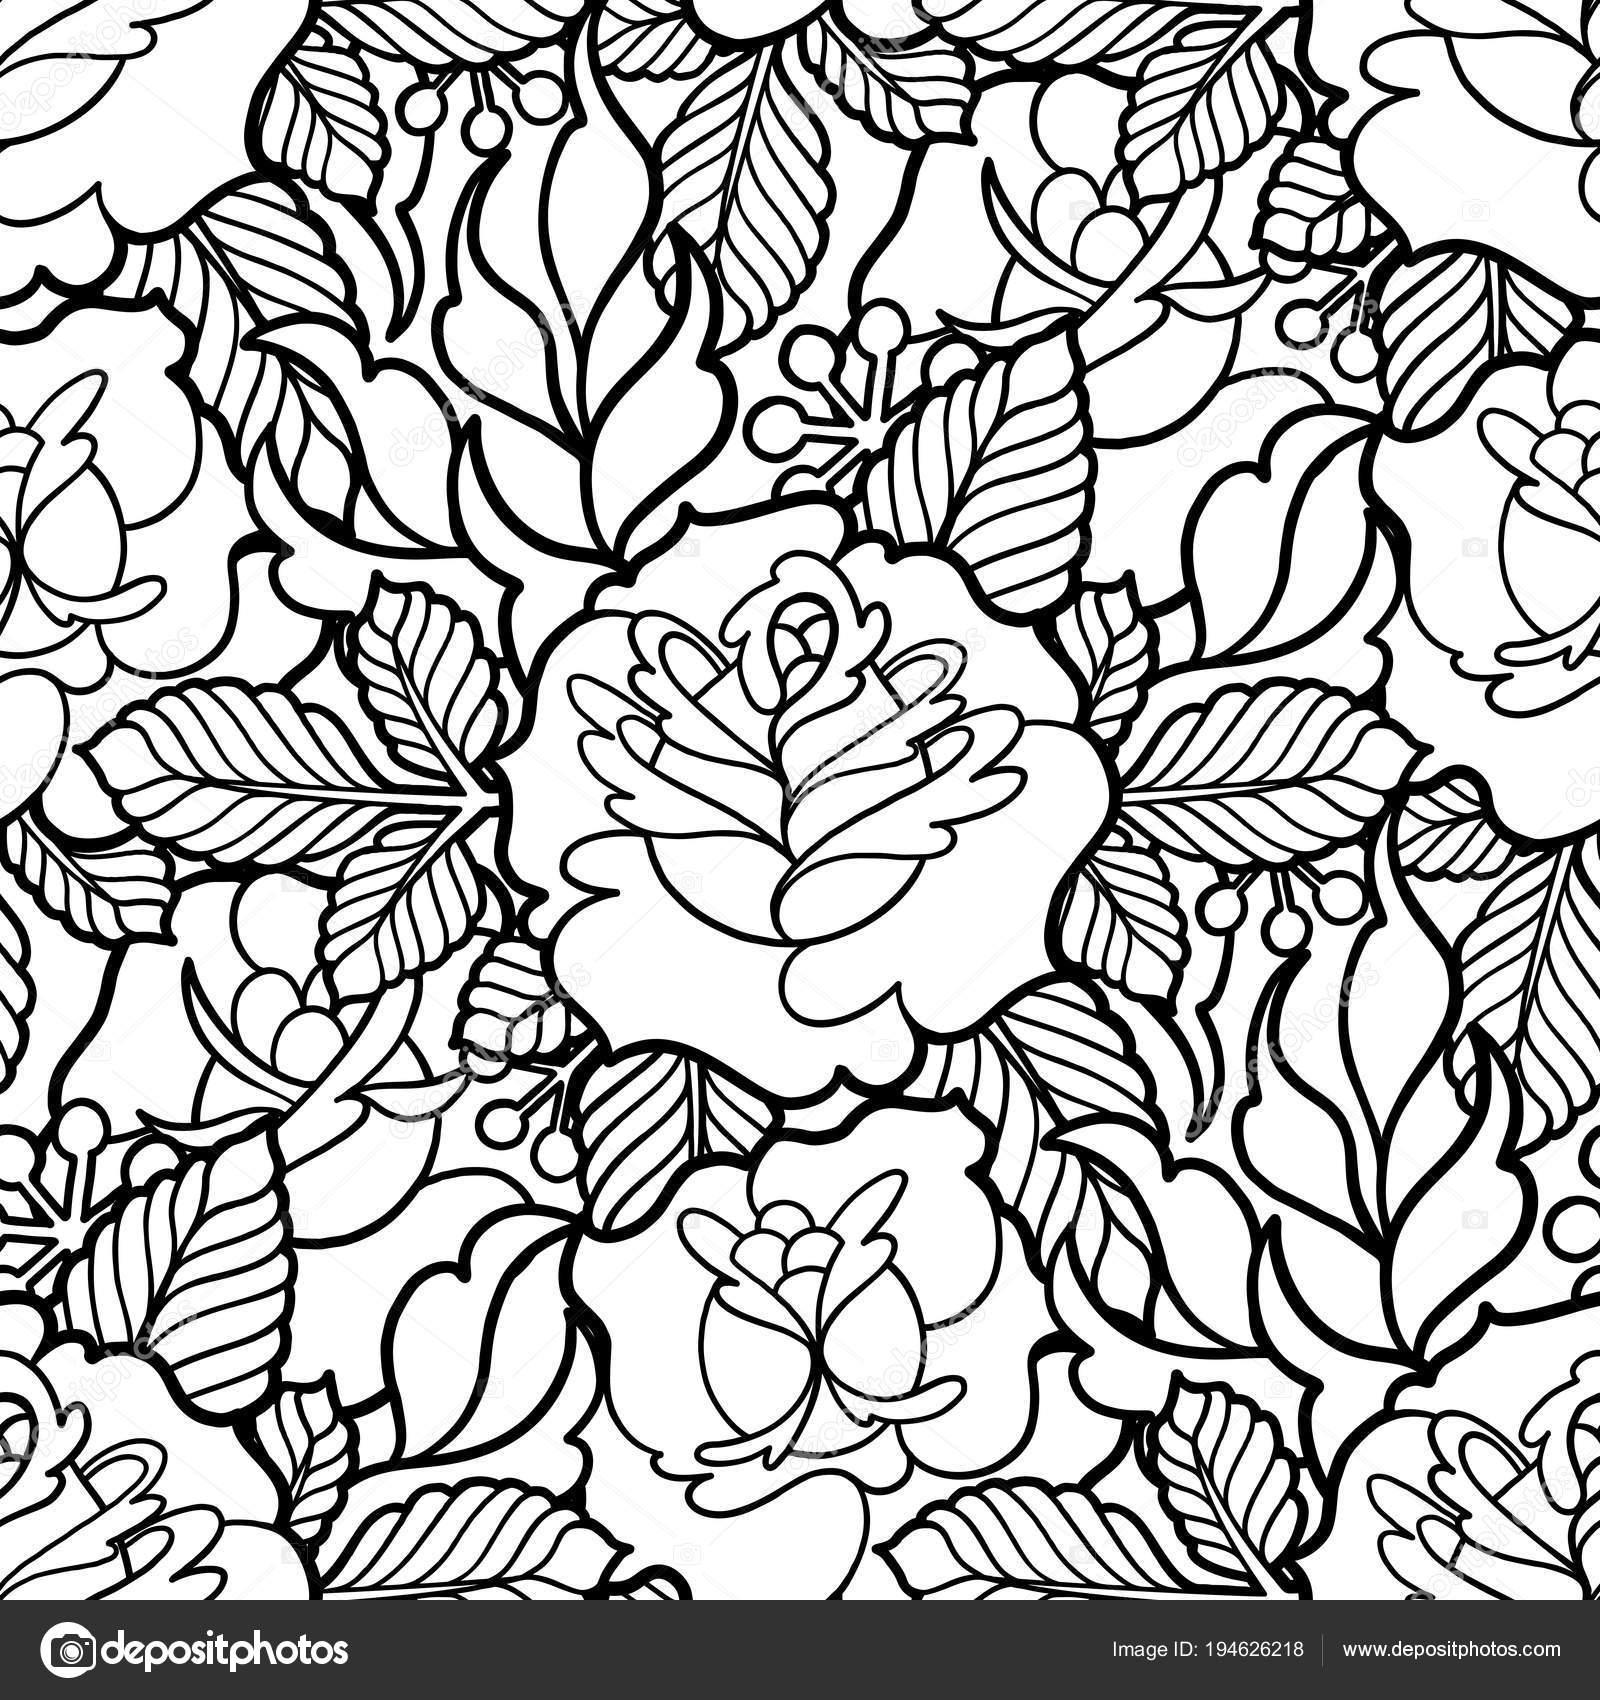 estampado floral gráfico — Vector de stock © homunkulus28 #194626218